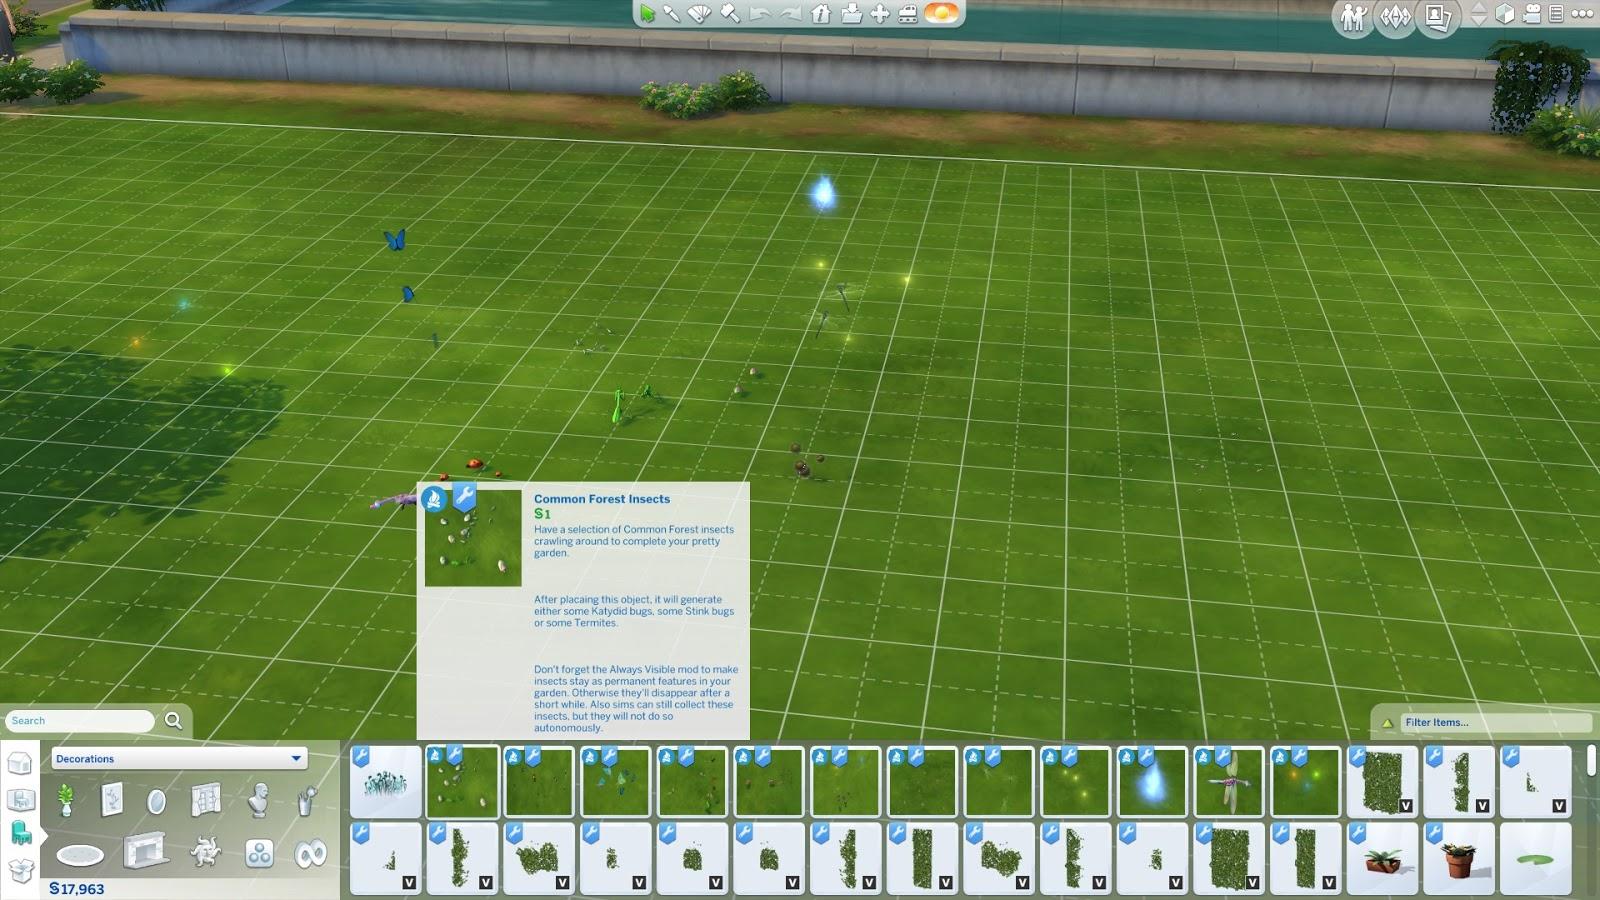 สูตรปลดล๊อคสิ่งของทั้งหมดใน The Sims 4